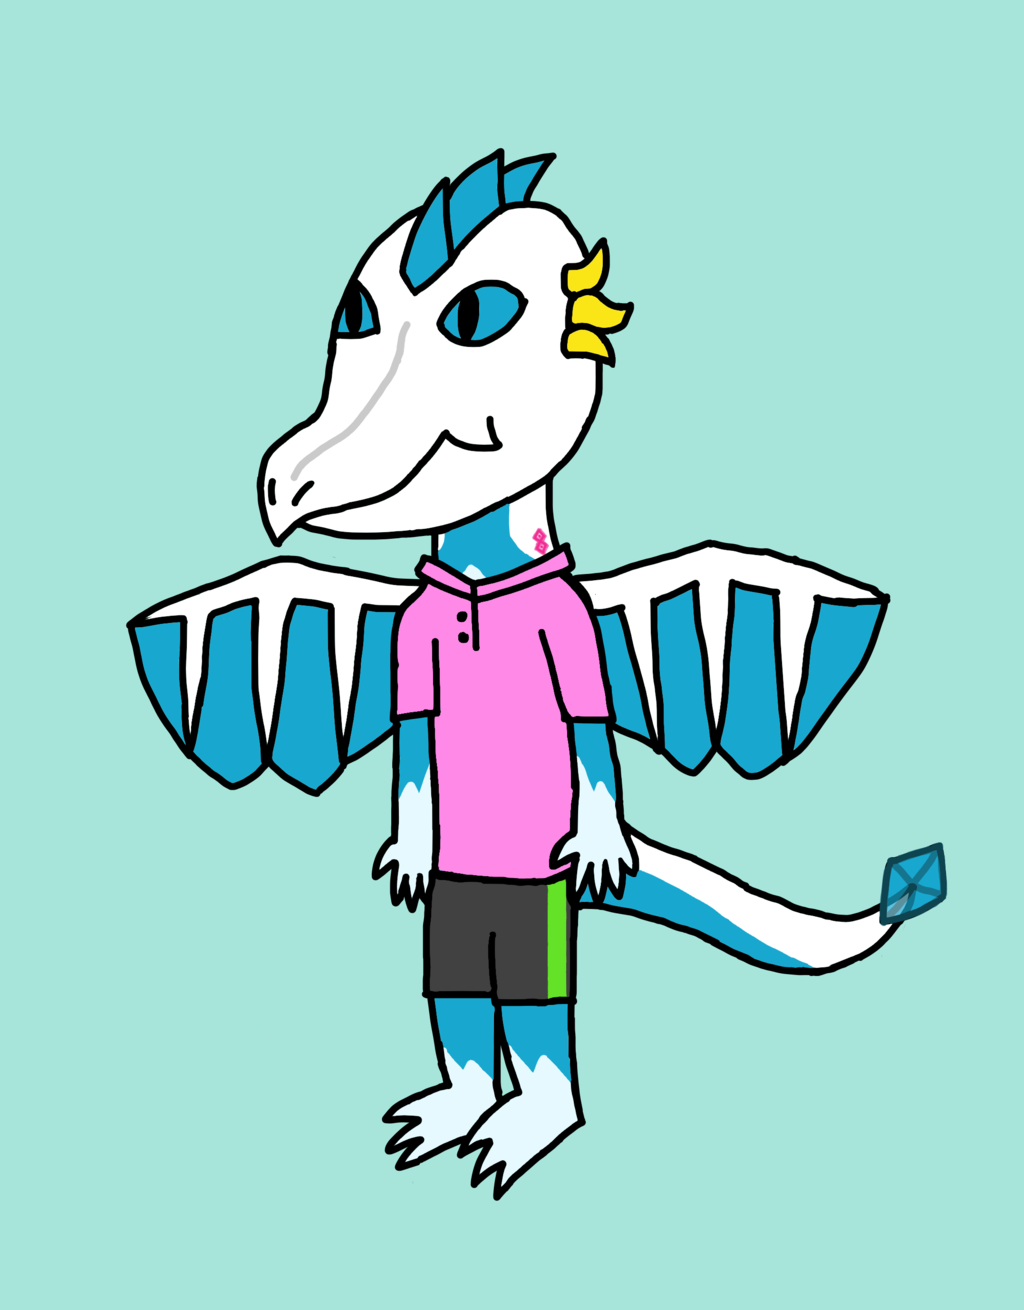 Most recent character: Fjorzek